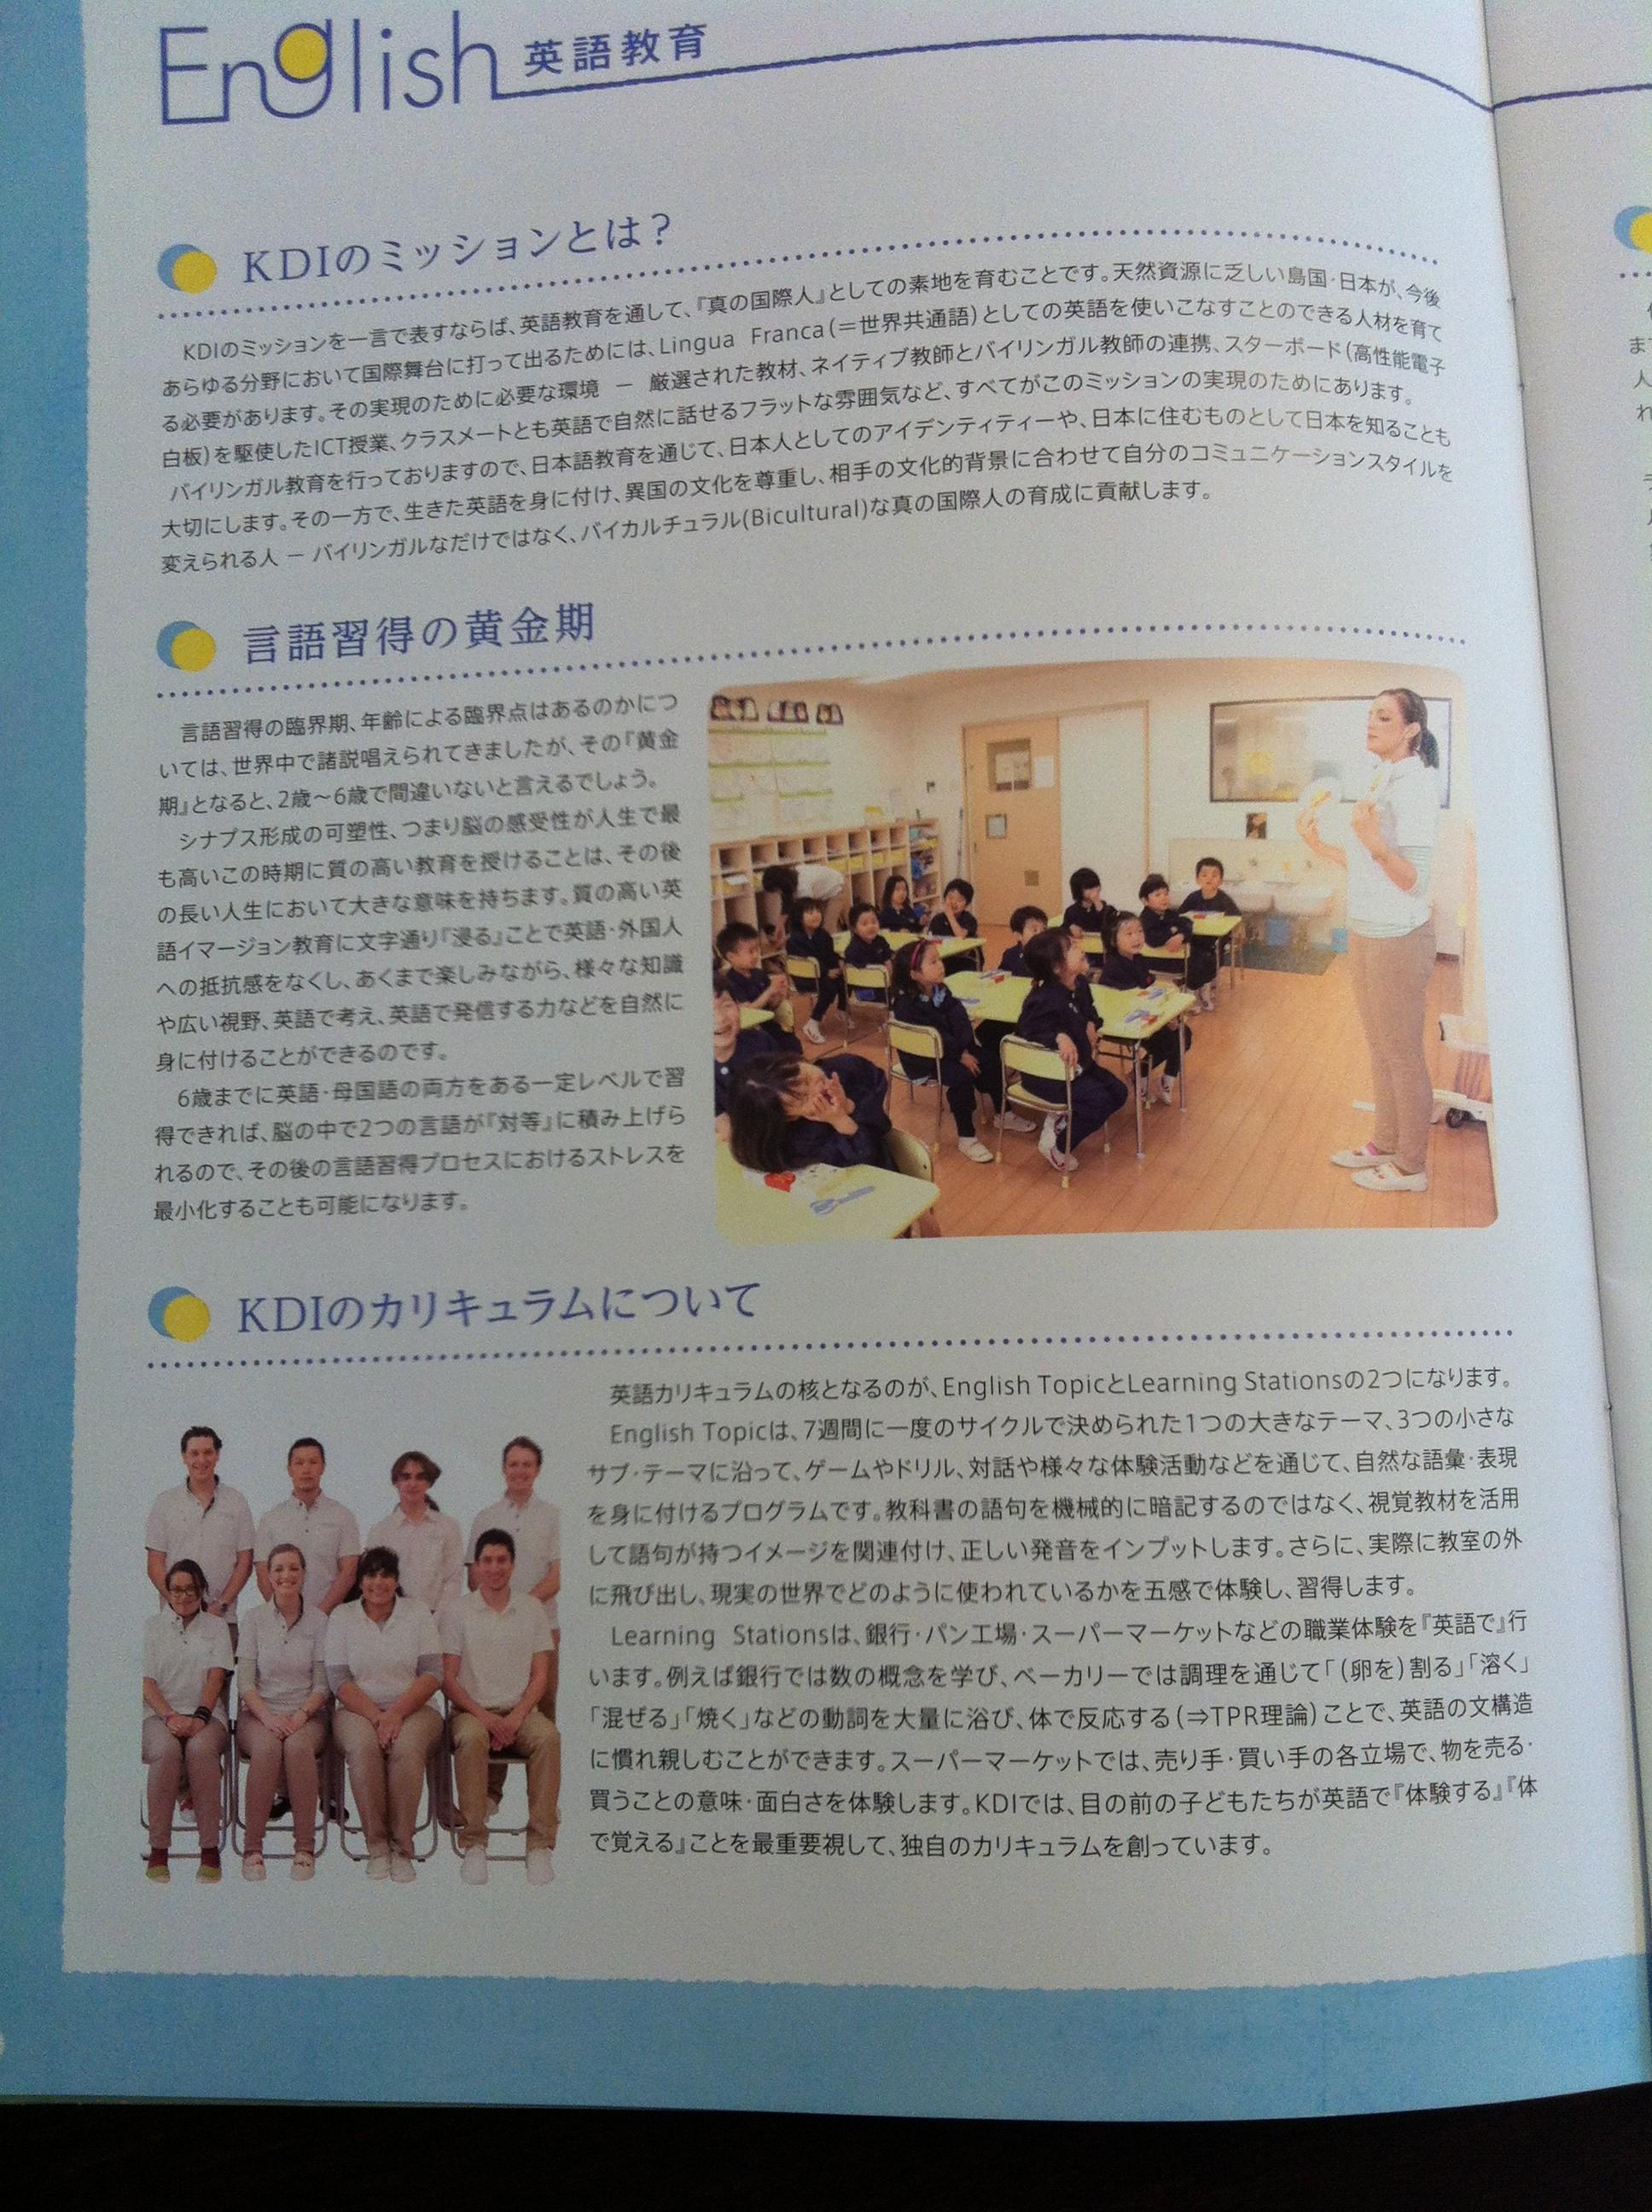 キッズデュオ(kids duo)の説明会で配られたパンフレット7ページ目の画像キャプチャ